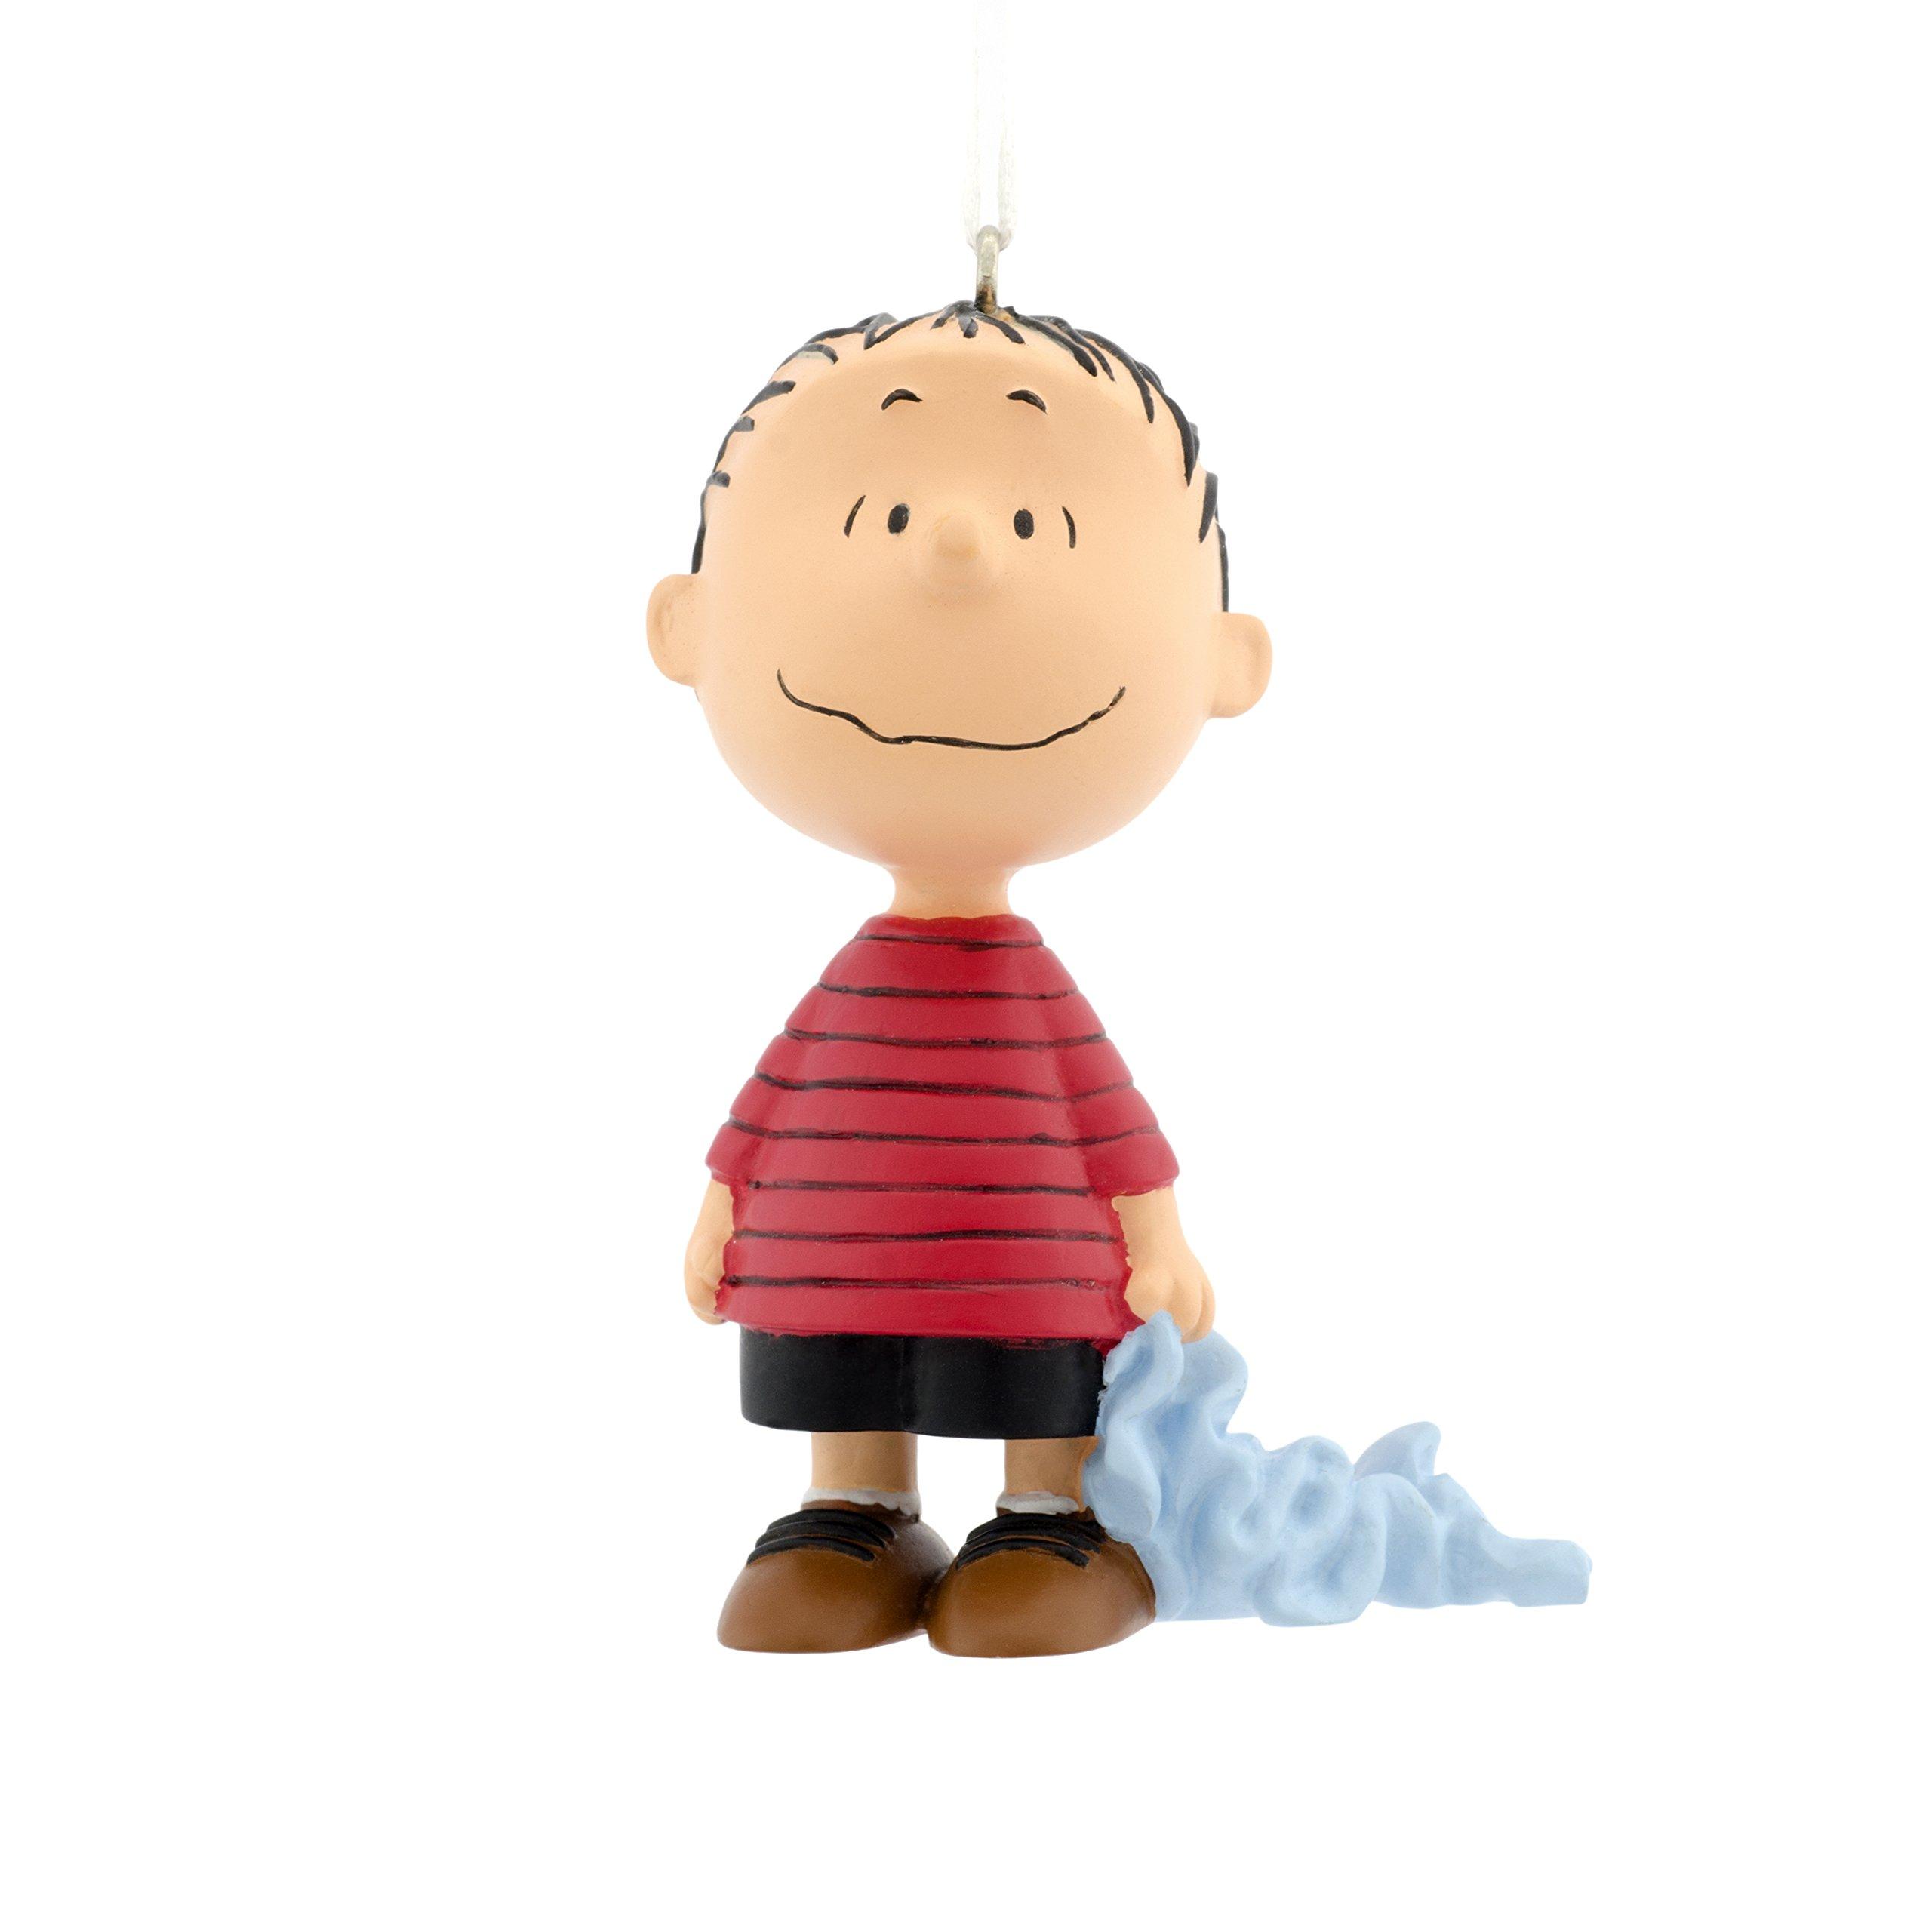 Hallmark Peanuts Linus Christmas Ornament by Hallmark